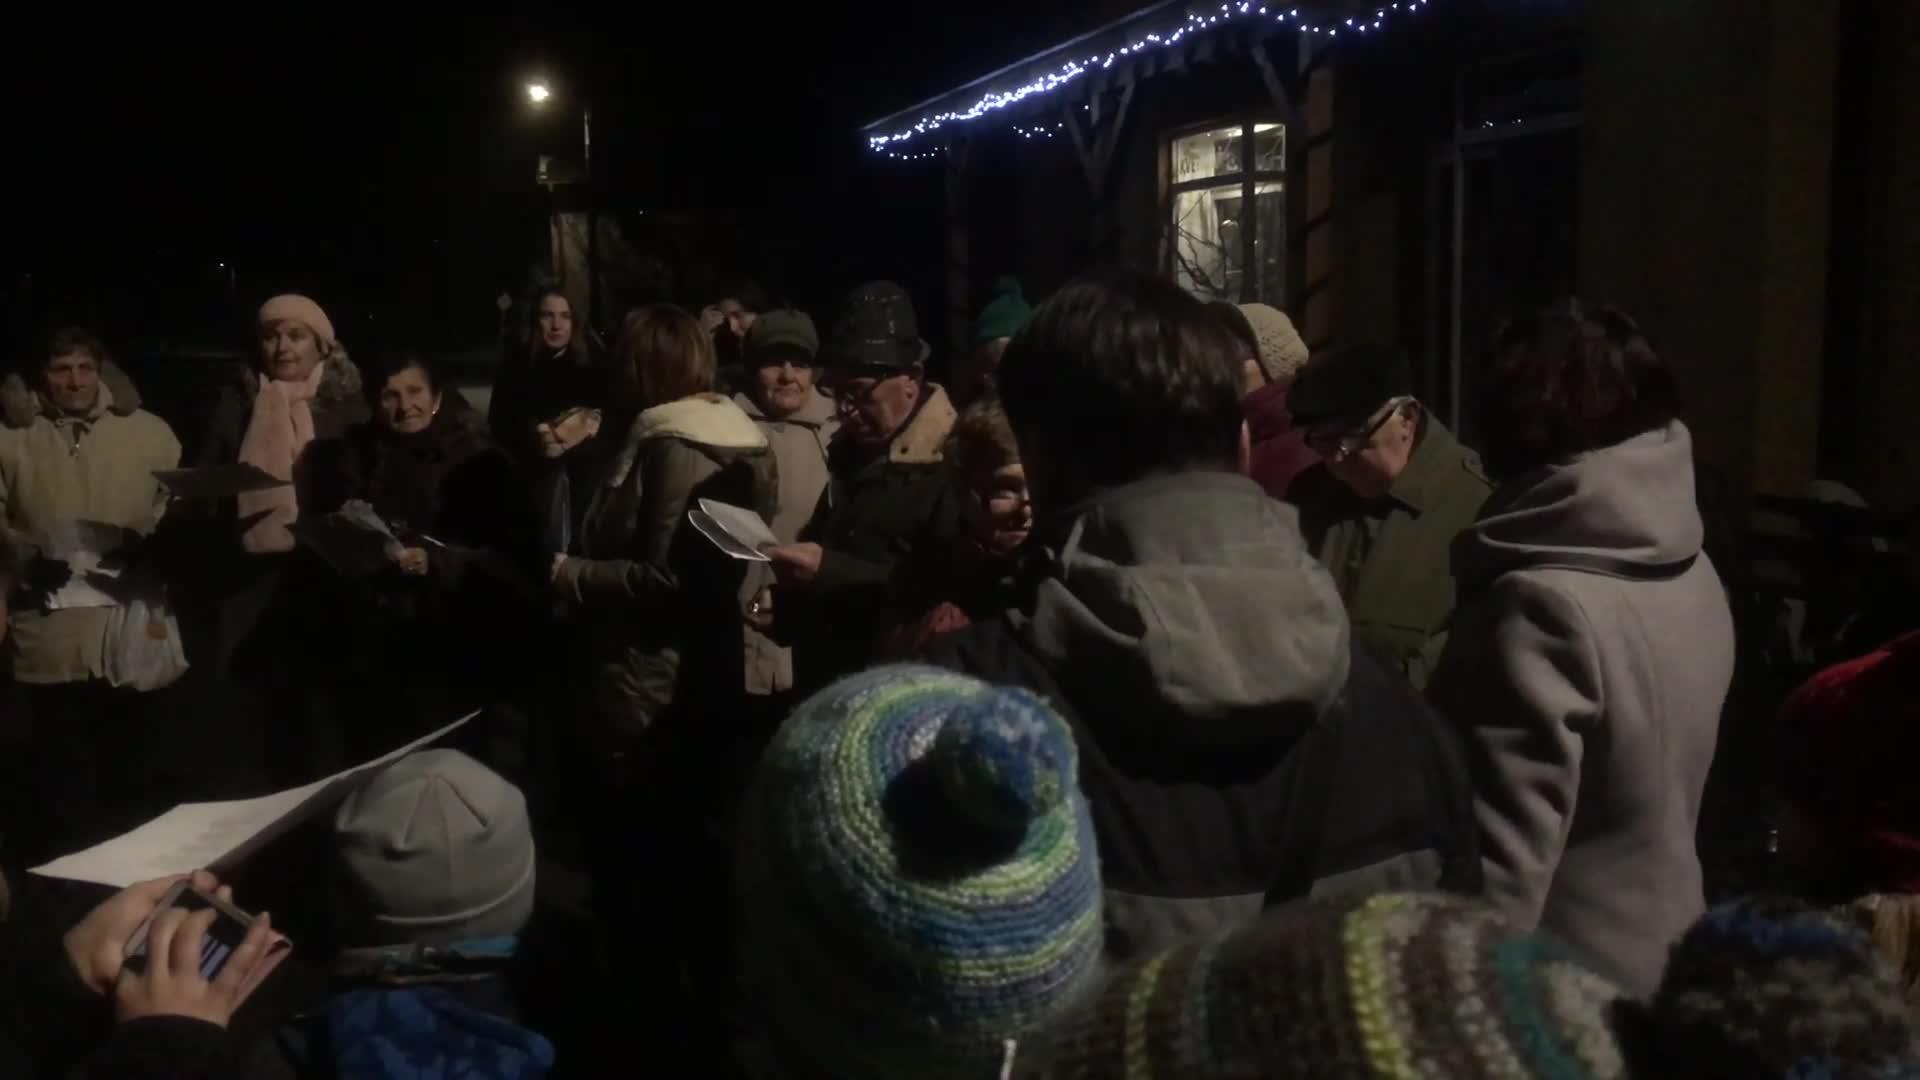 Zpívání koled u vánočního stromu